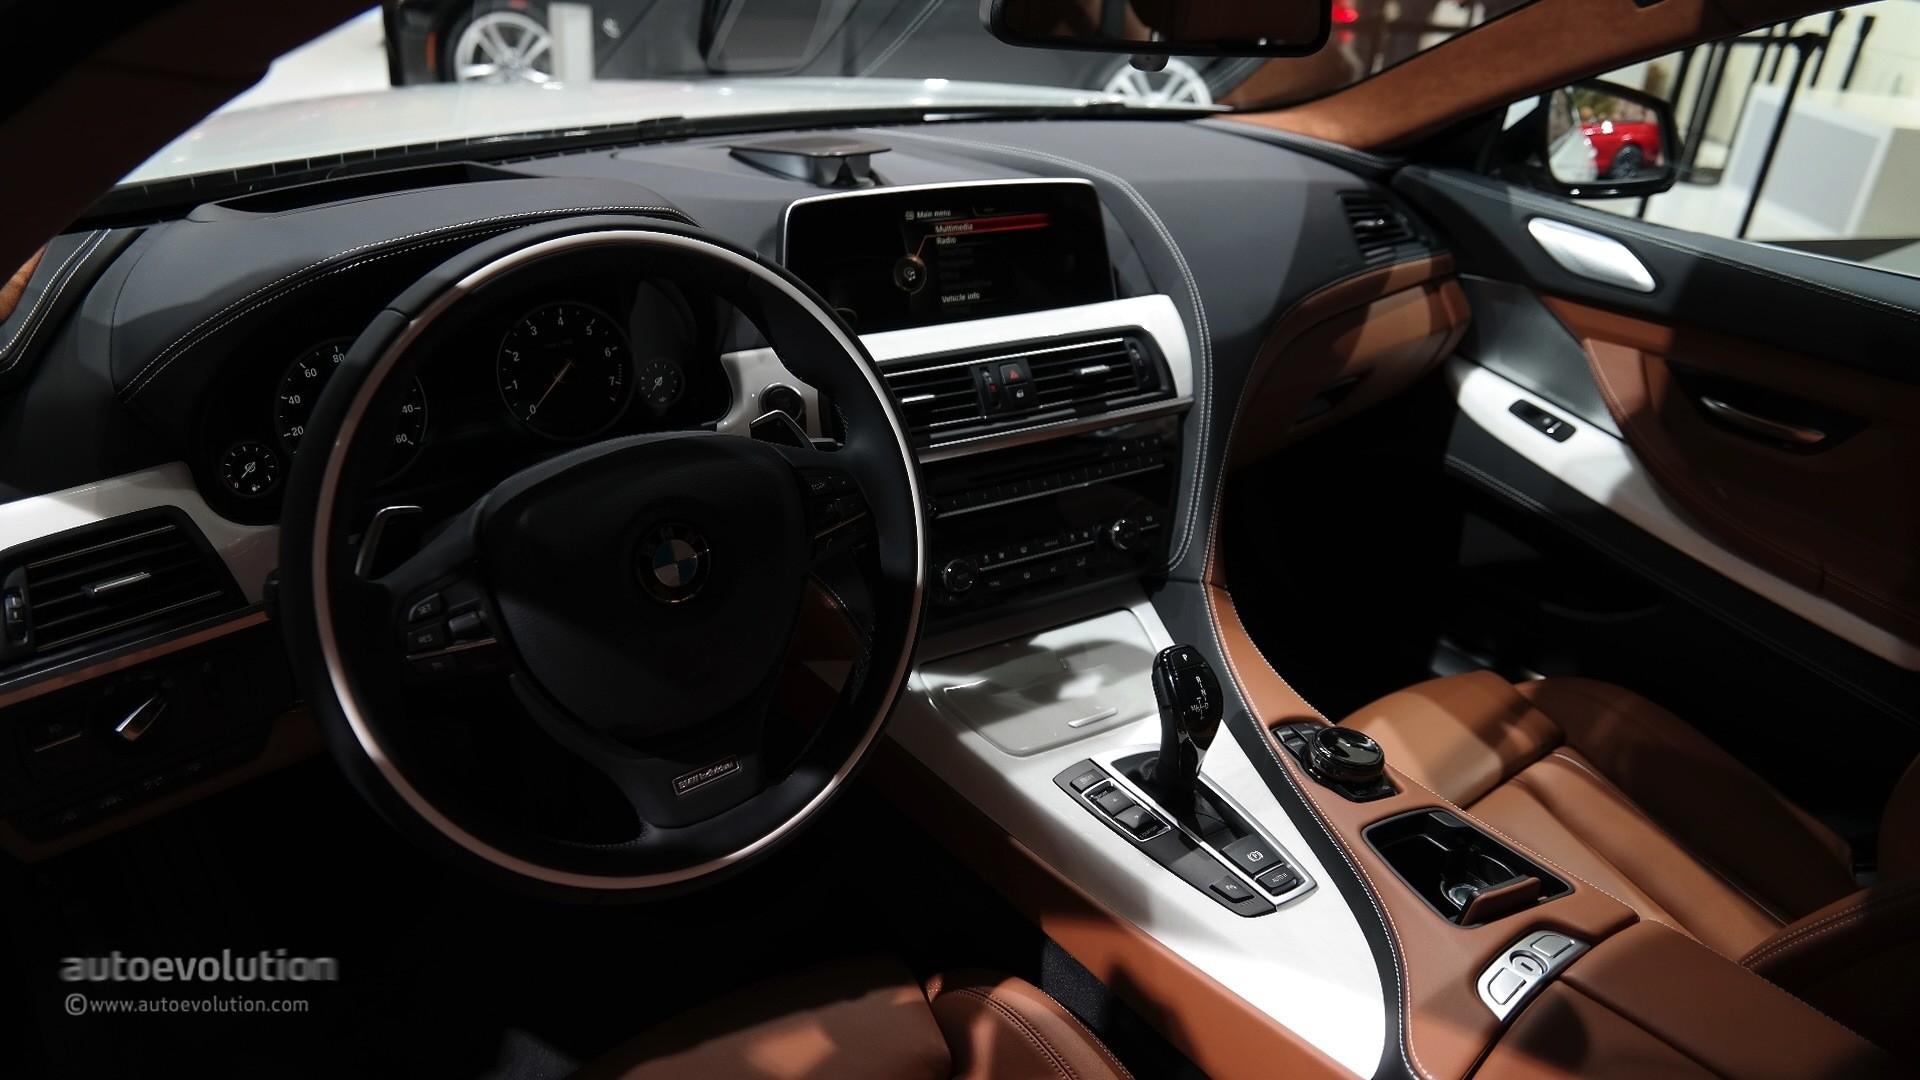 2015 BMW 6 Series Facelift At Detroit Auto Show